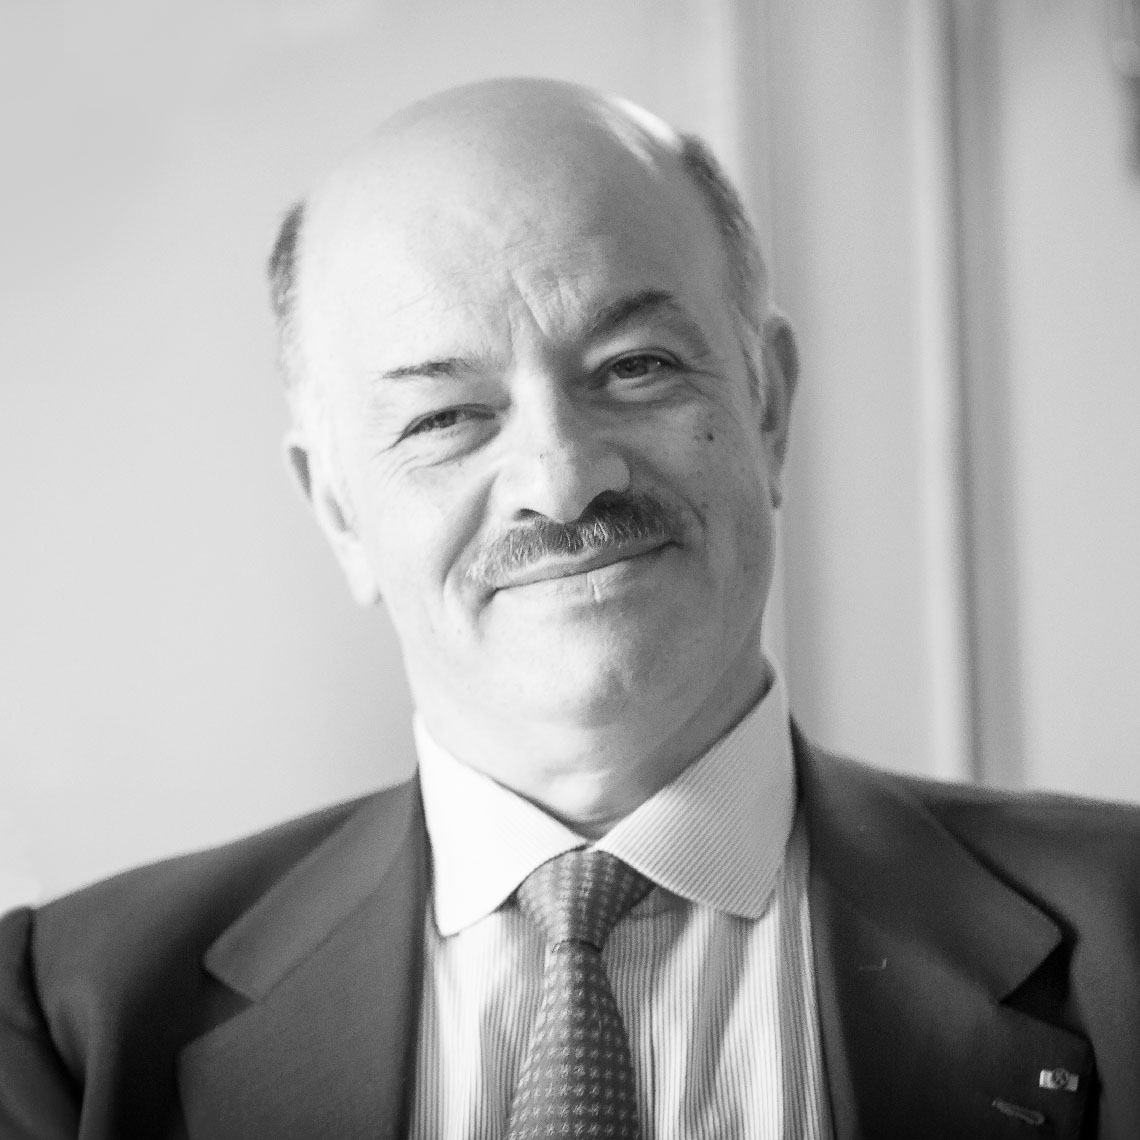 AlainBauer